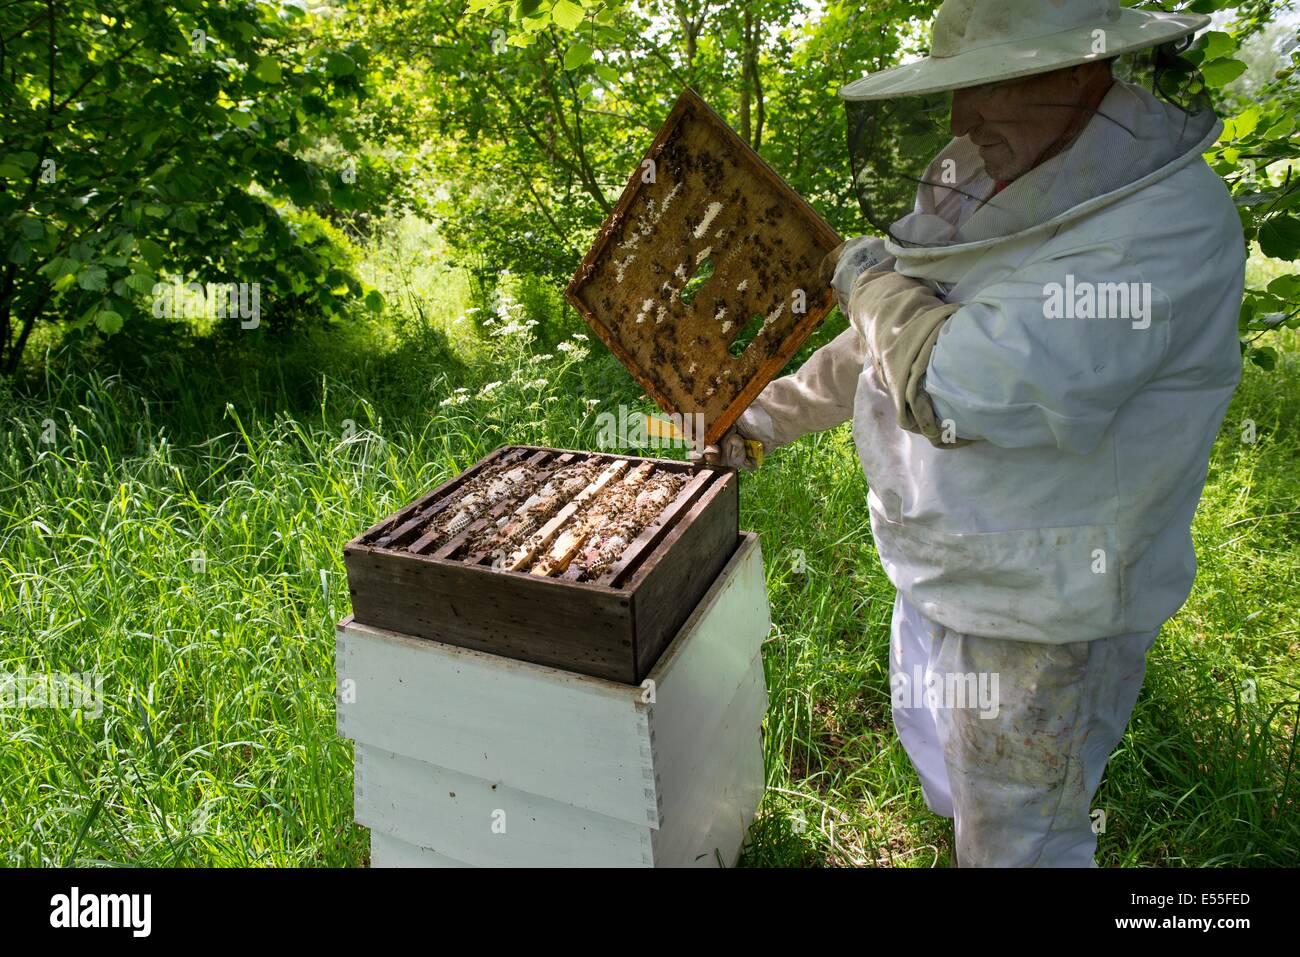 La apicultura, el apicultor inspeccionando los marcos de la colmena ...